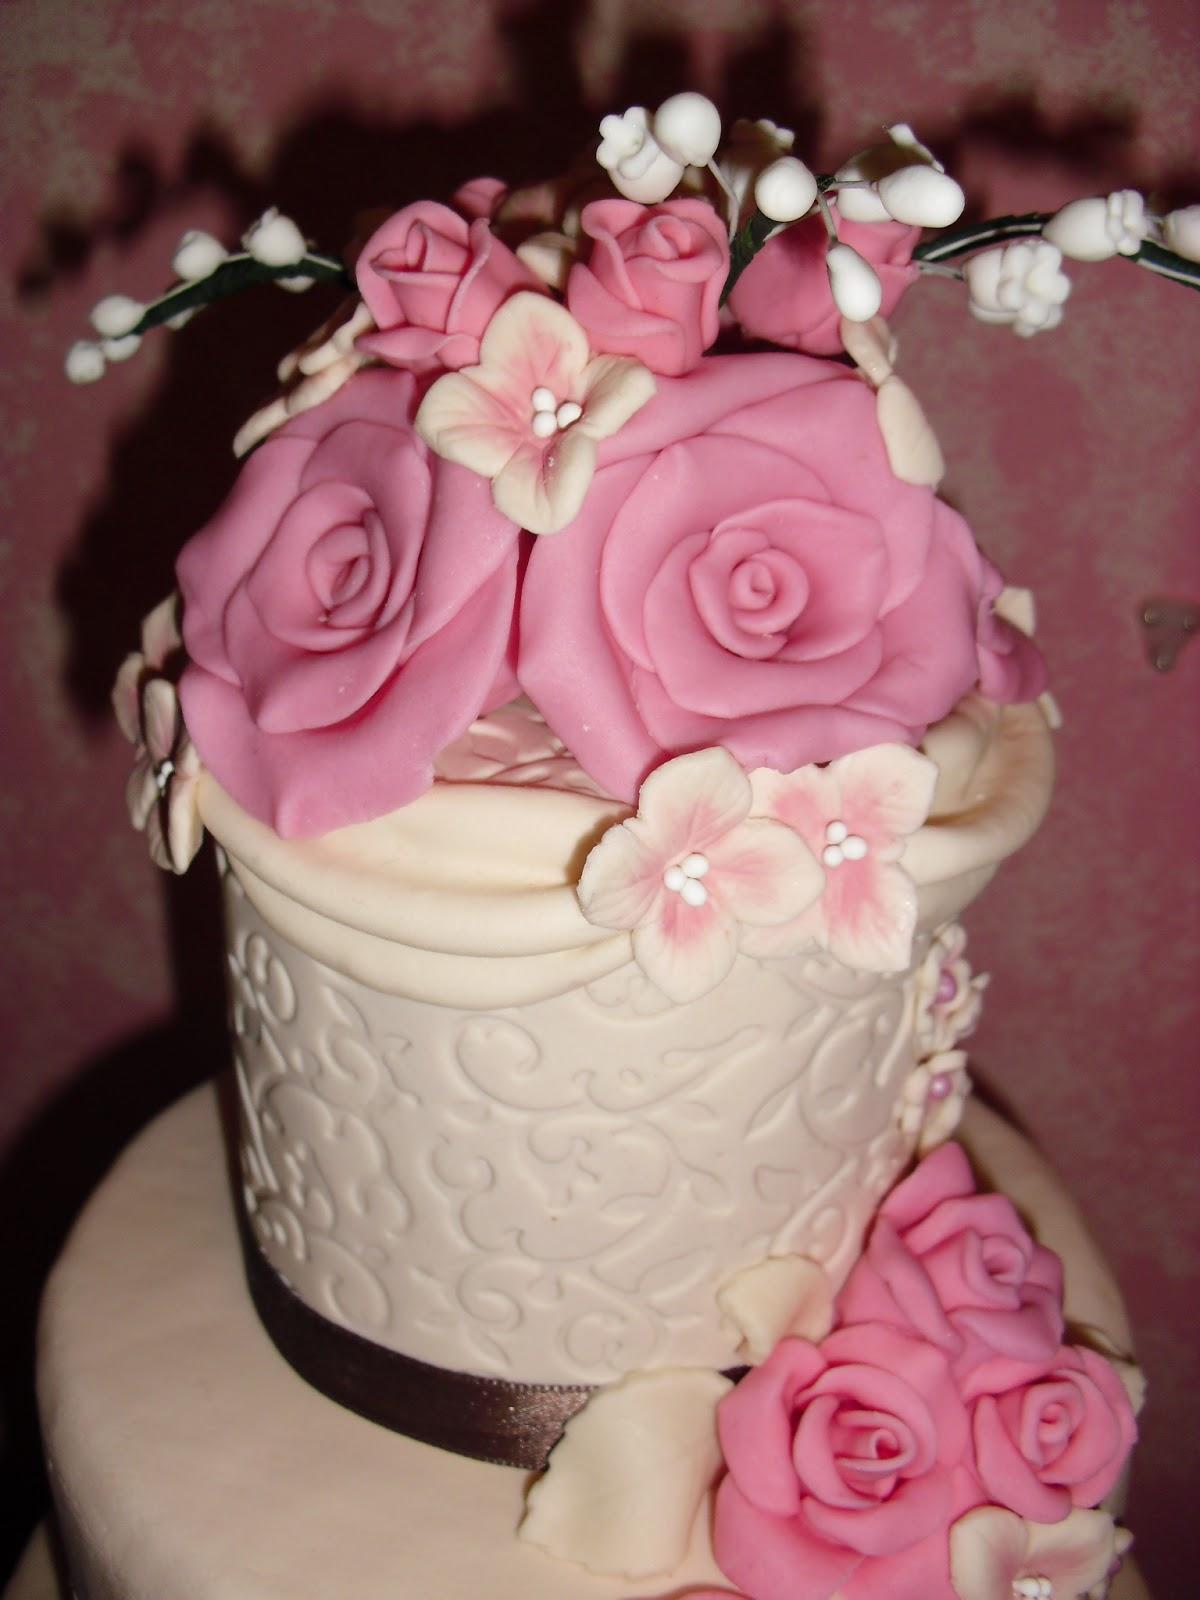 Wedding cake di 4 piani le torte di antonella for Piani artistici di 2 piani artistici